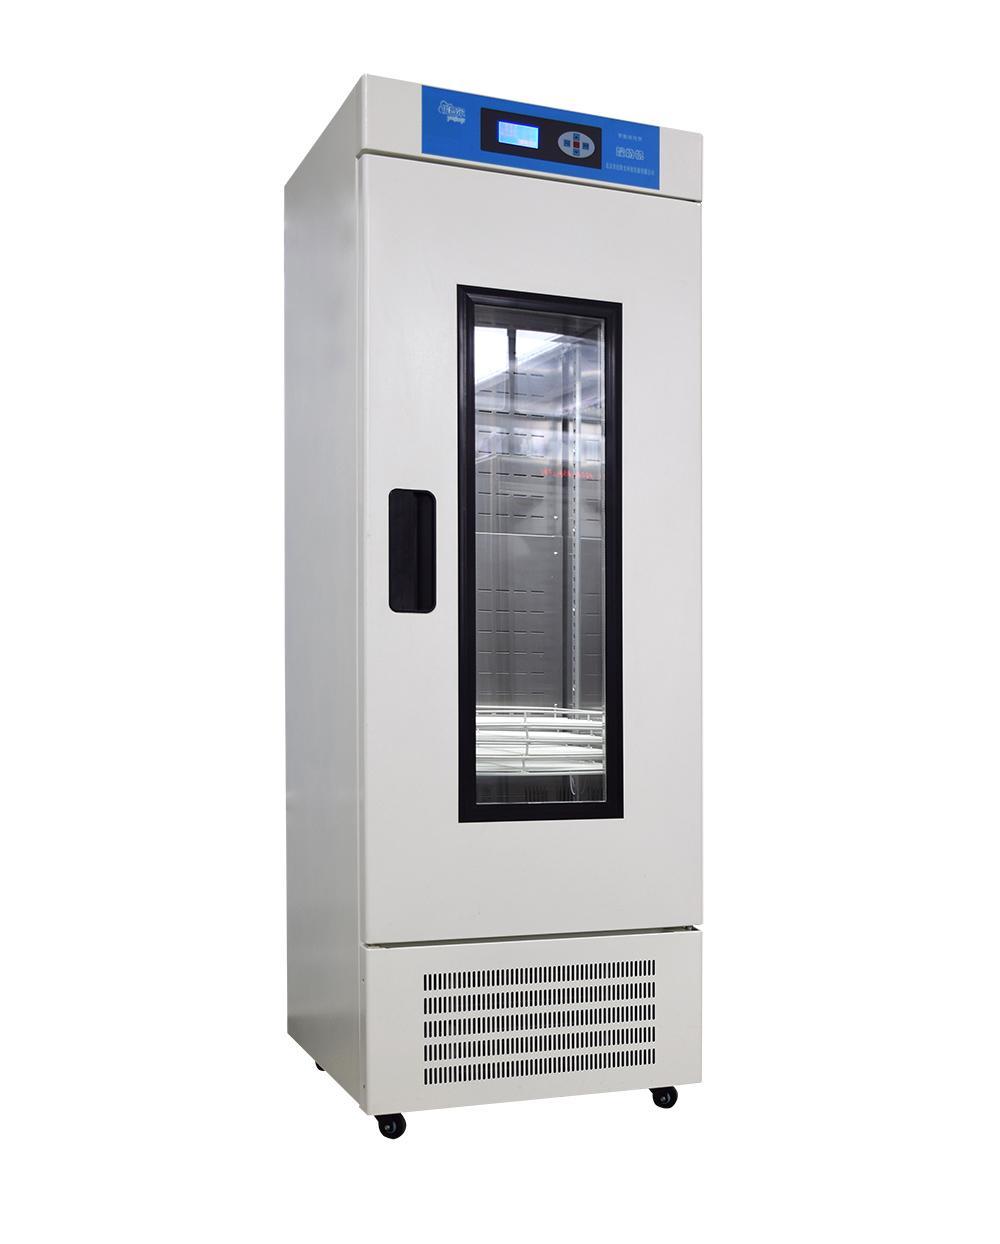 商用酸奶机|商用智能酸奶机|不锈钢材料,全自动精准控温